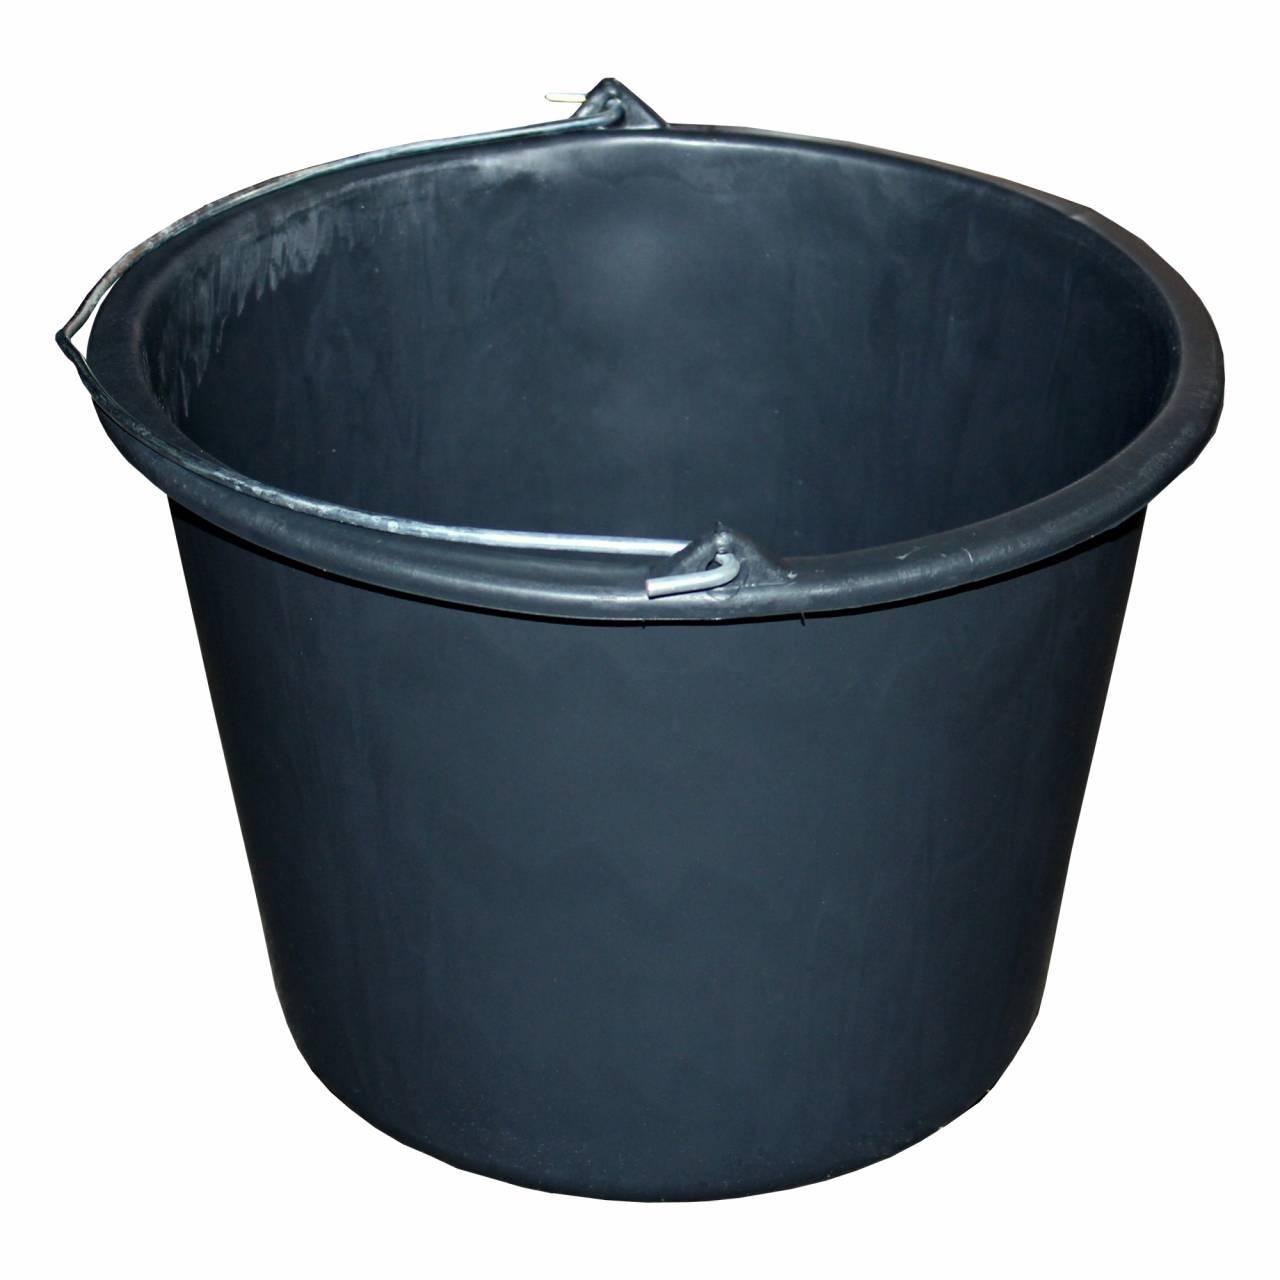 Bau-Eimer 12,0 l, Ø 31,5 cm, 'Profi', schwarz, Skalierung, leicht